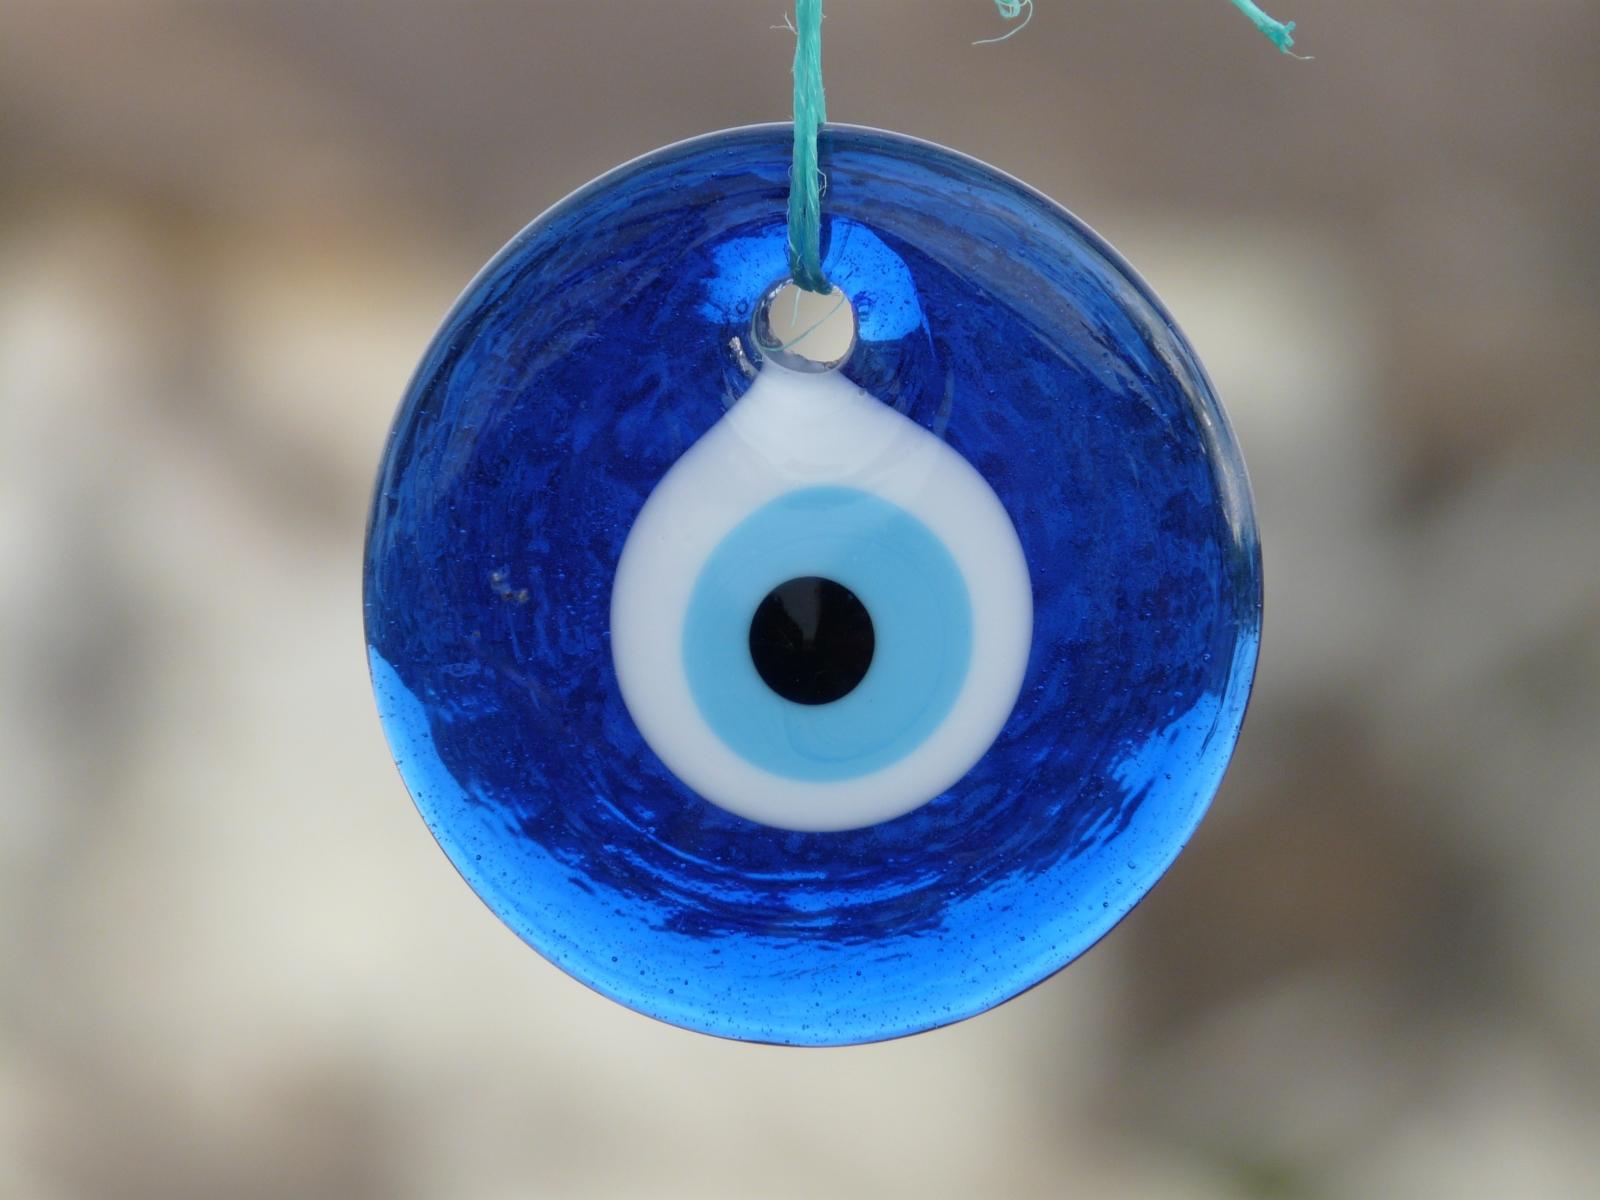 ナザール・ボンジュウ - トルコのお守り。青いガラスに眼が描かれ、邪眼から身を守る護符として用いられる。